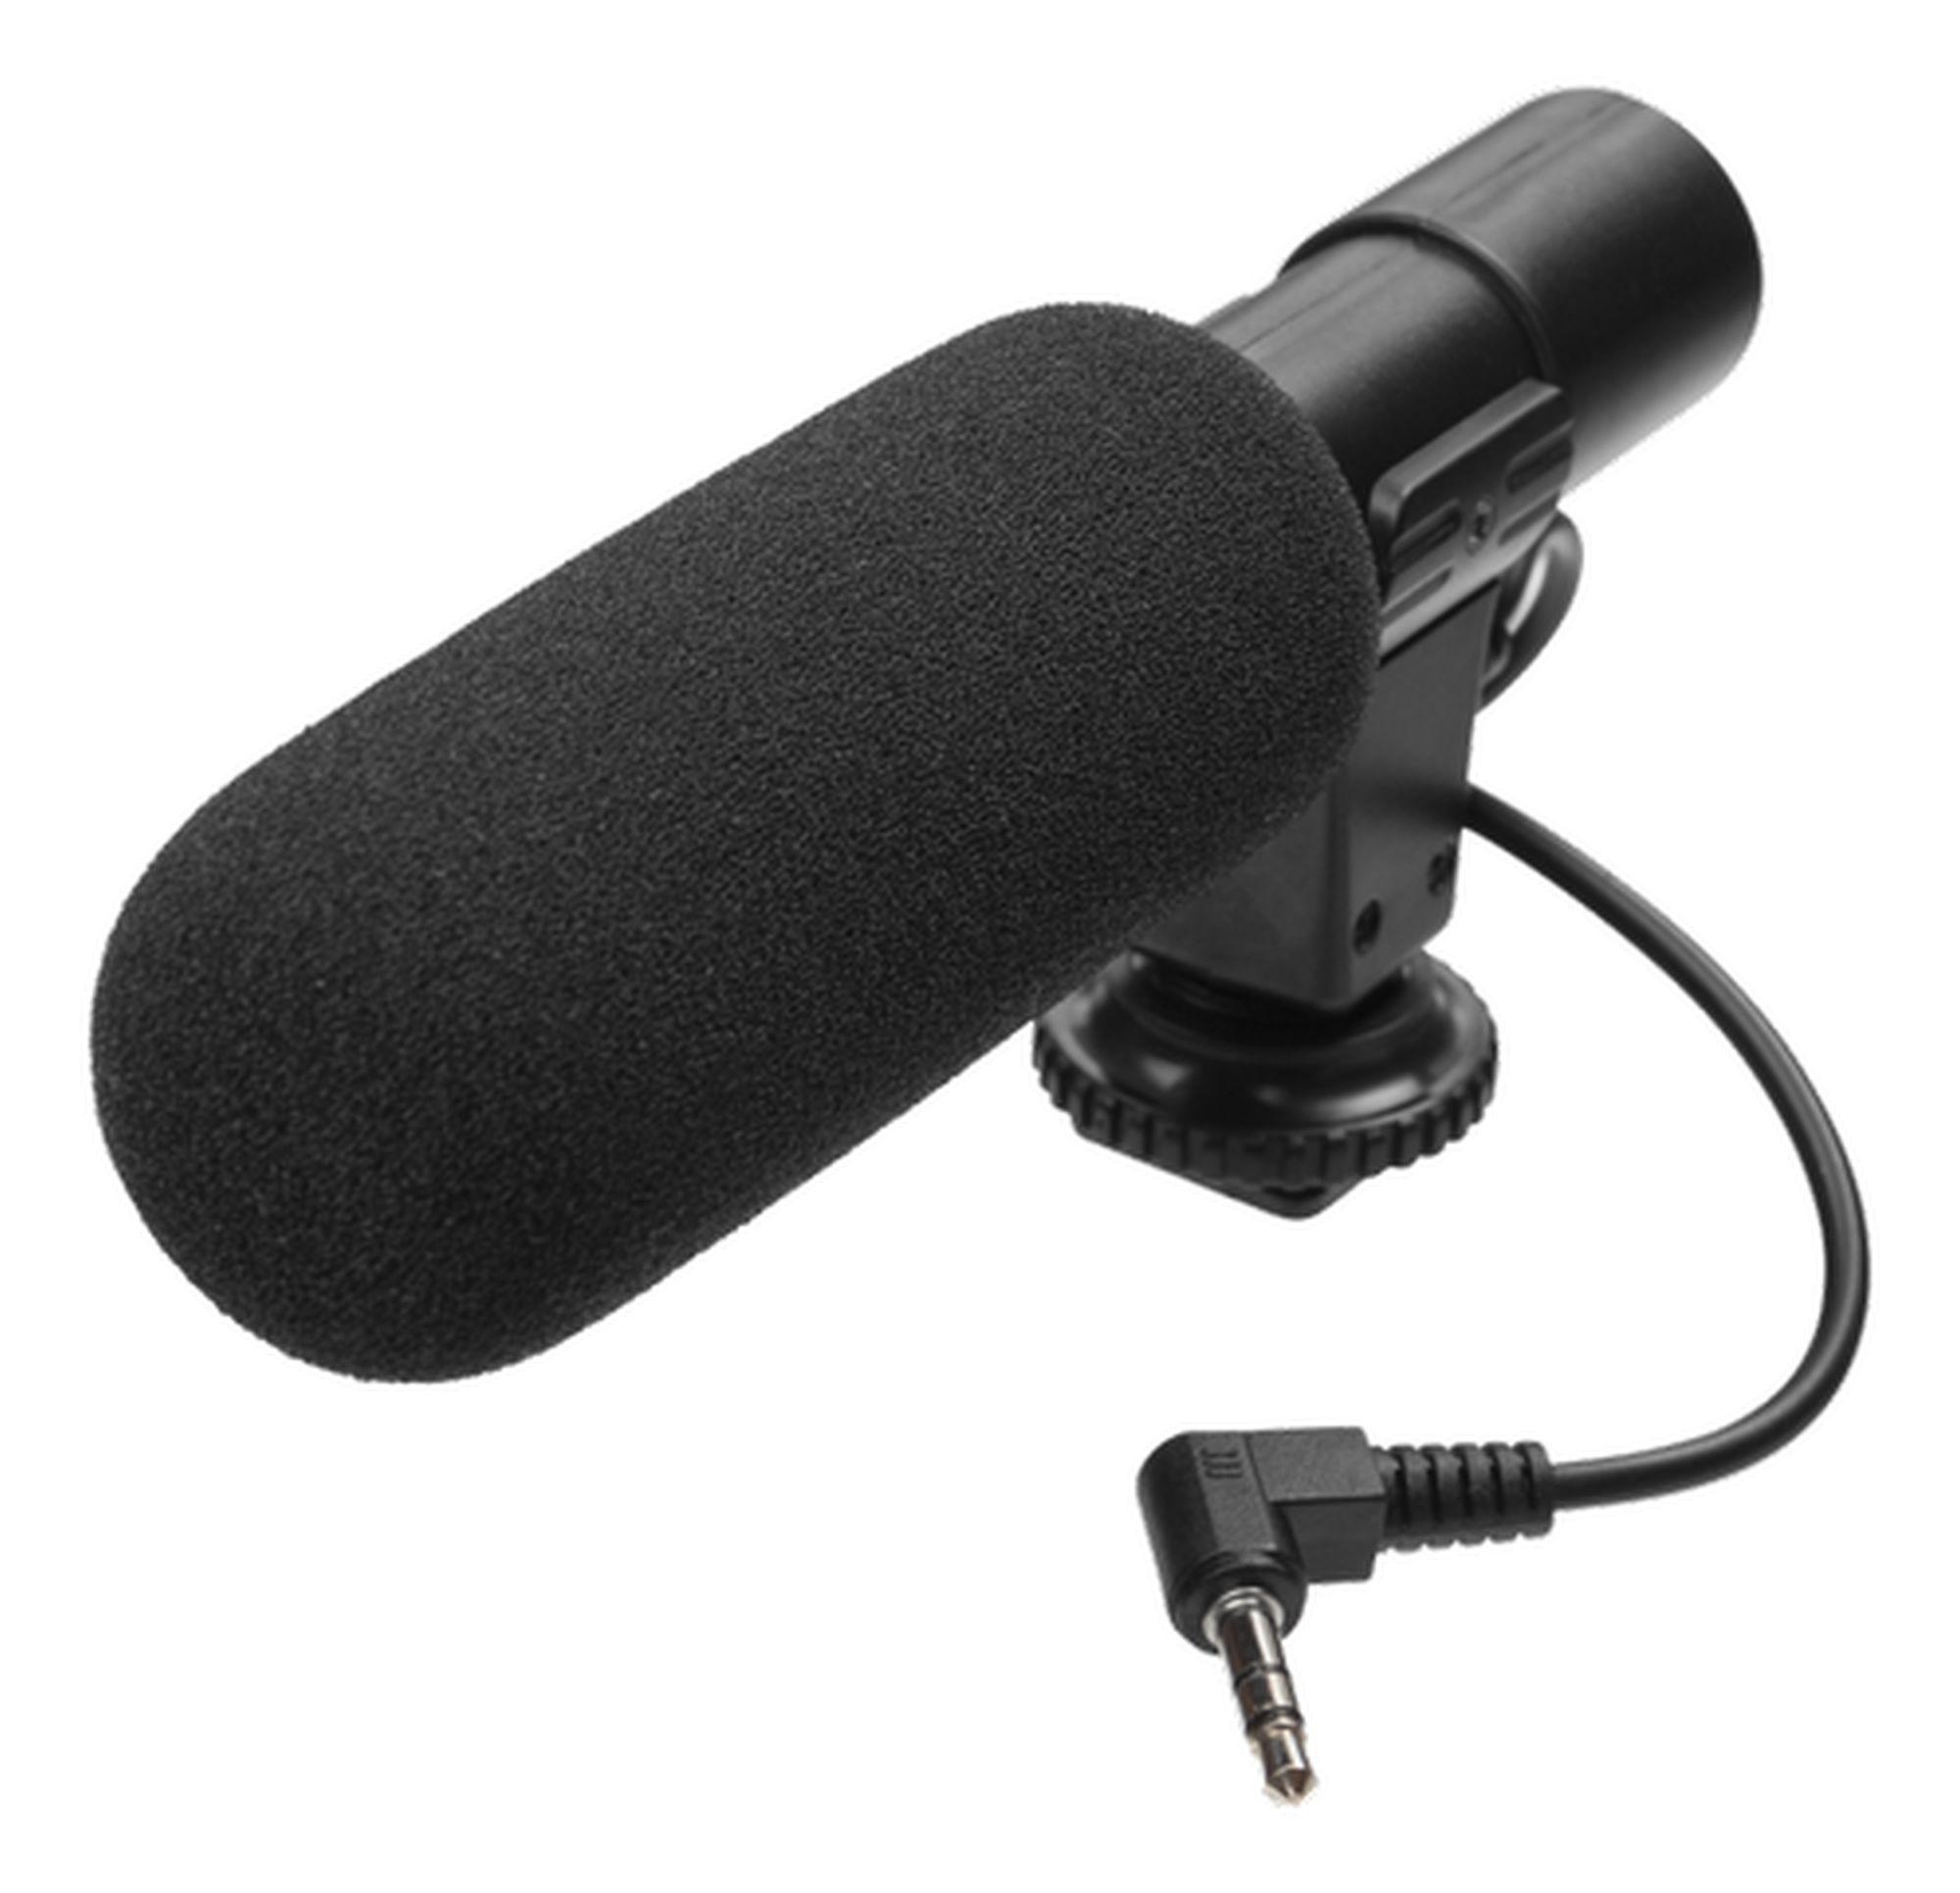 GadgetMonster GDM-1025 Vlogging Tisch-Mikrofon für Smartphones oder Kameras